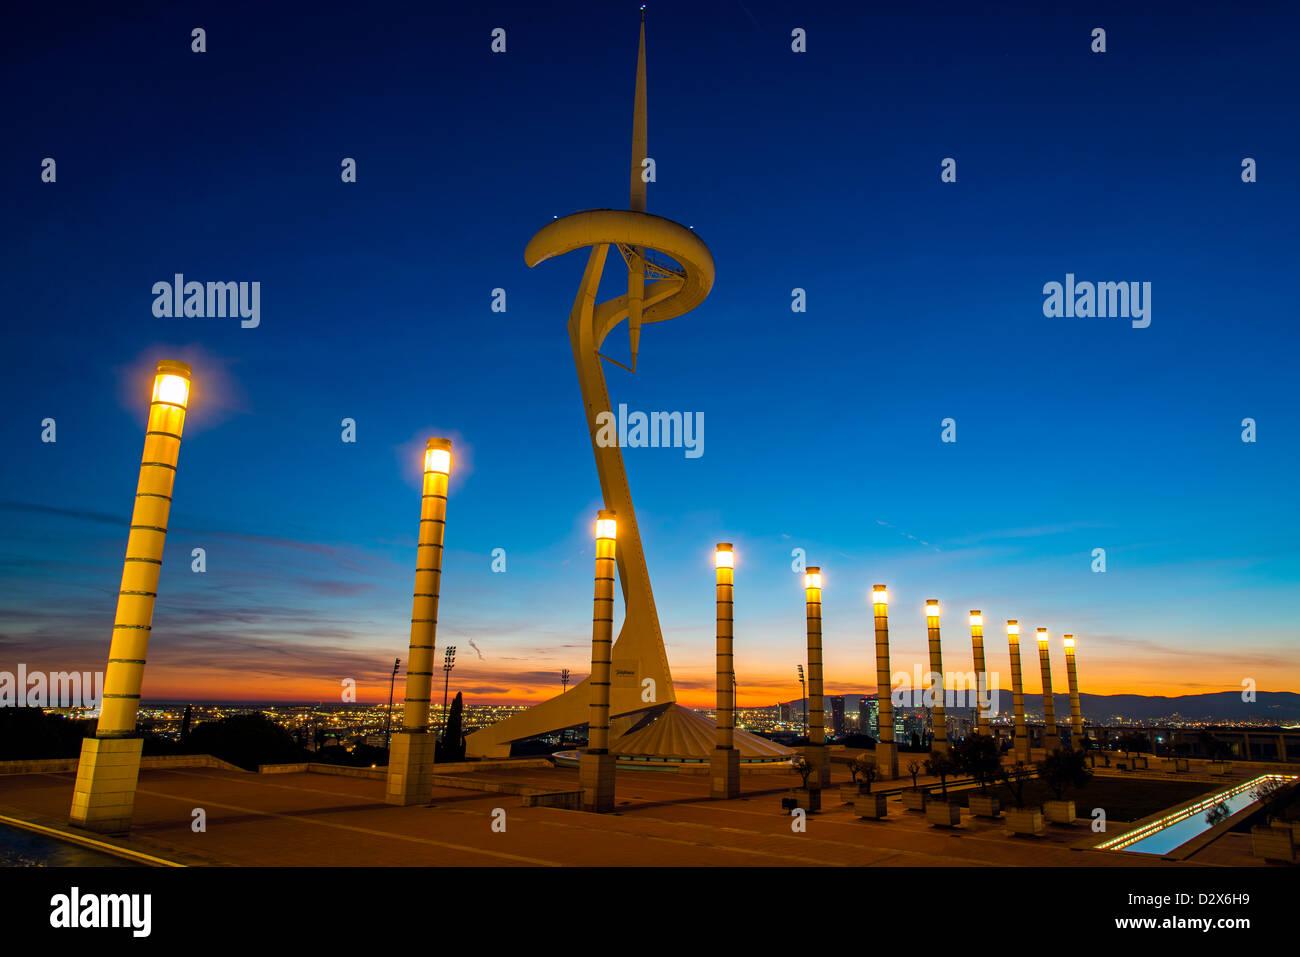 Puesta de sol vista de la Torre de Calatrava, el Parque Olímpico, Barcelona, Cataluña, España Imagen De Stock